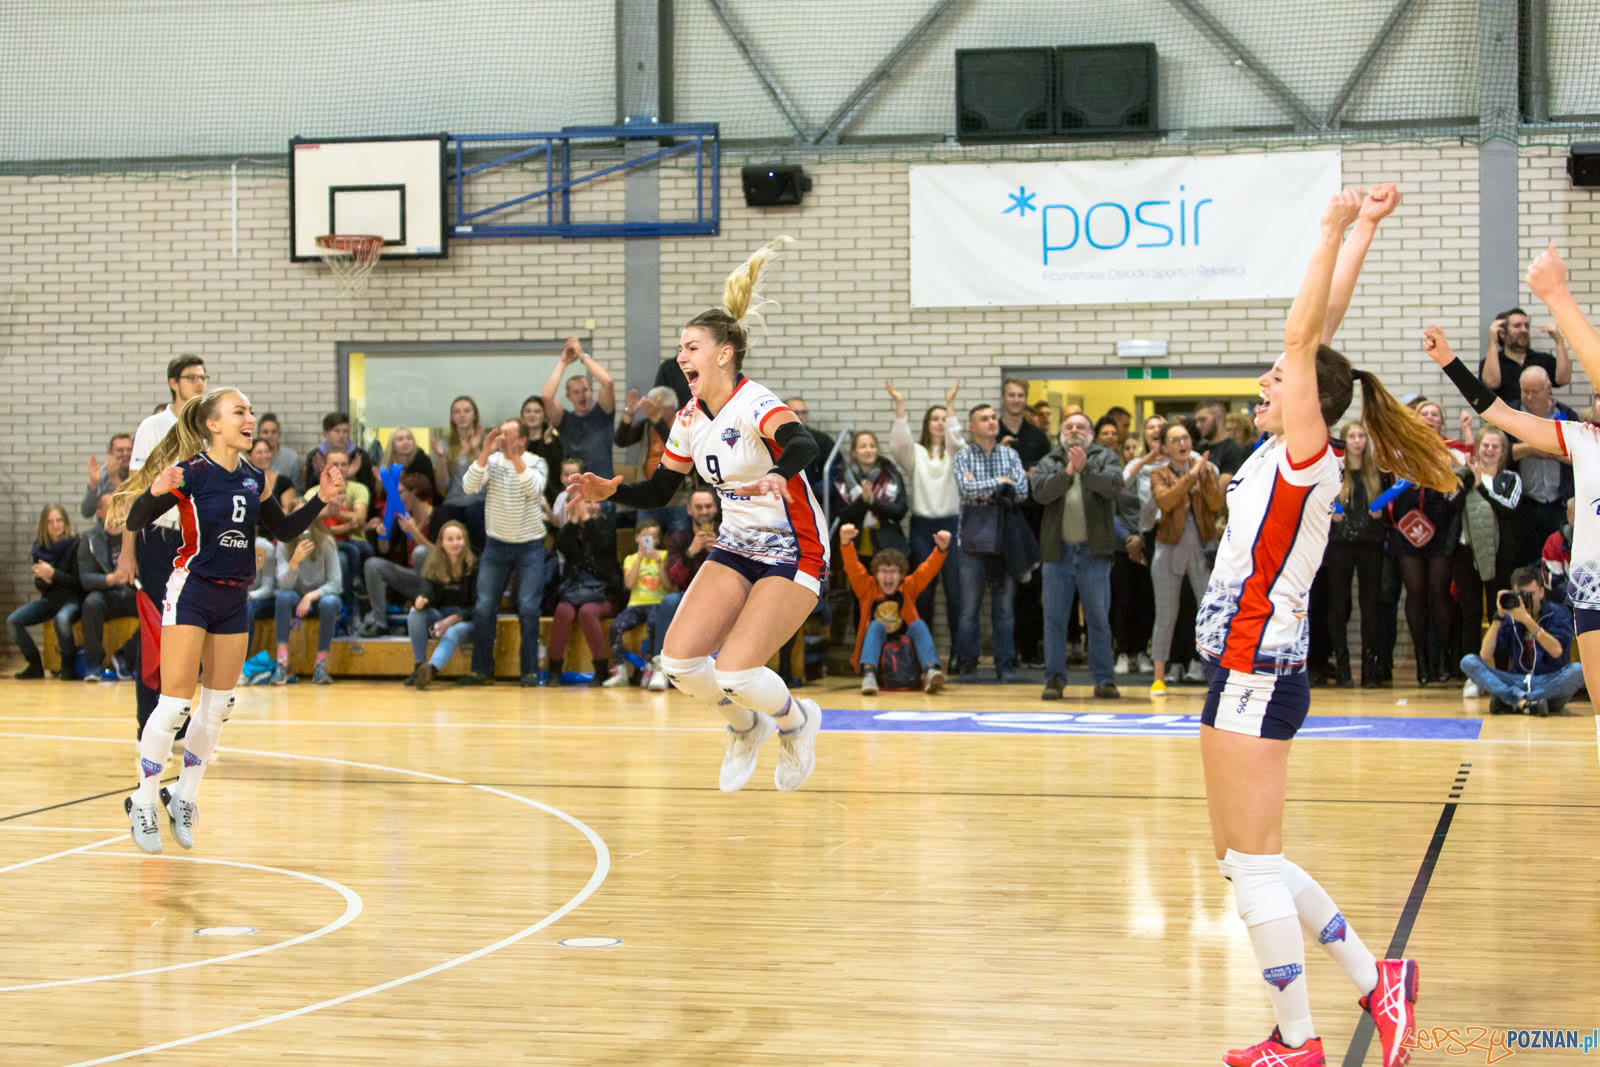 Enea Energetyk Poznań - MKS Dąbrowa Górnicza  Foto: lepszyPOZNAN.pl/Piotr Rychter